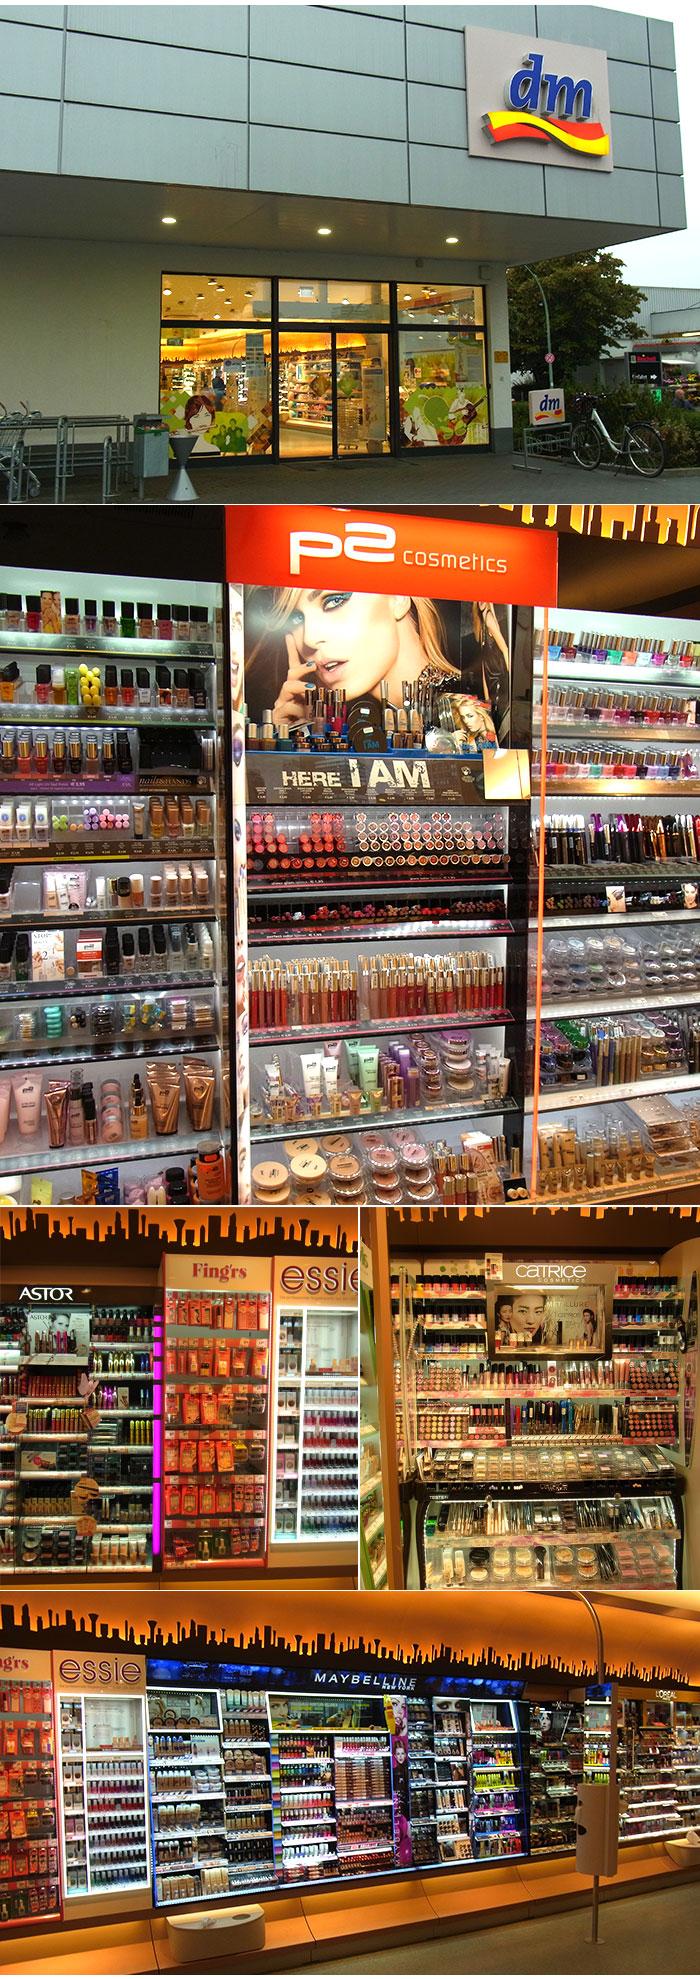 produtos_beleza_alemanha_dm